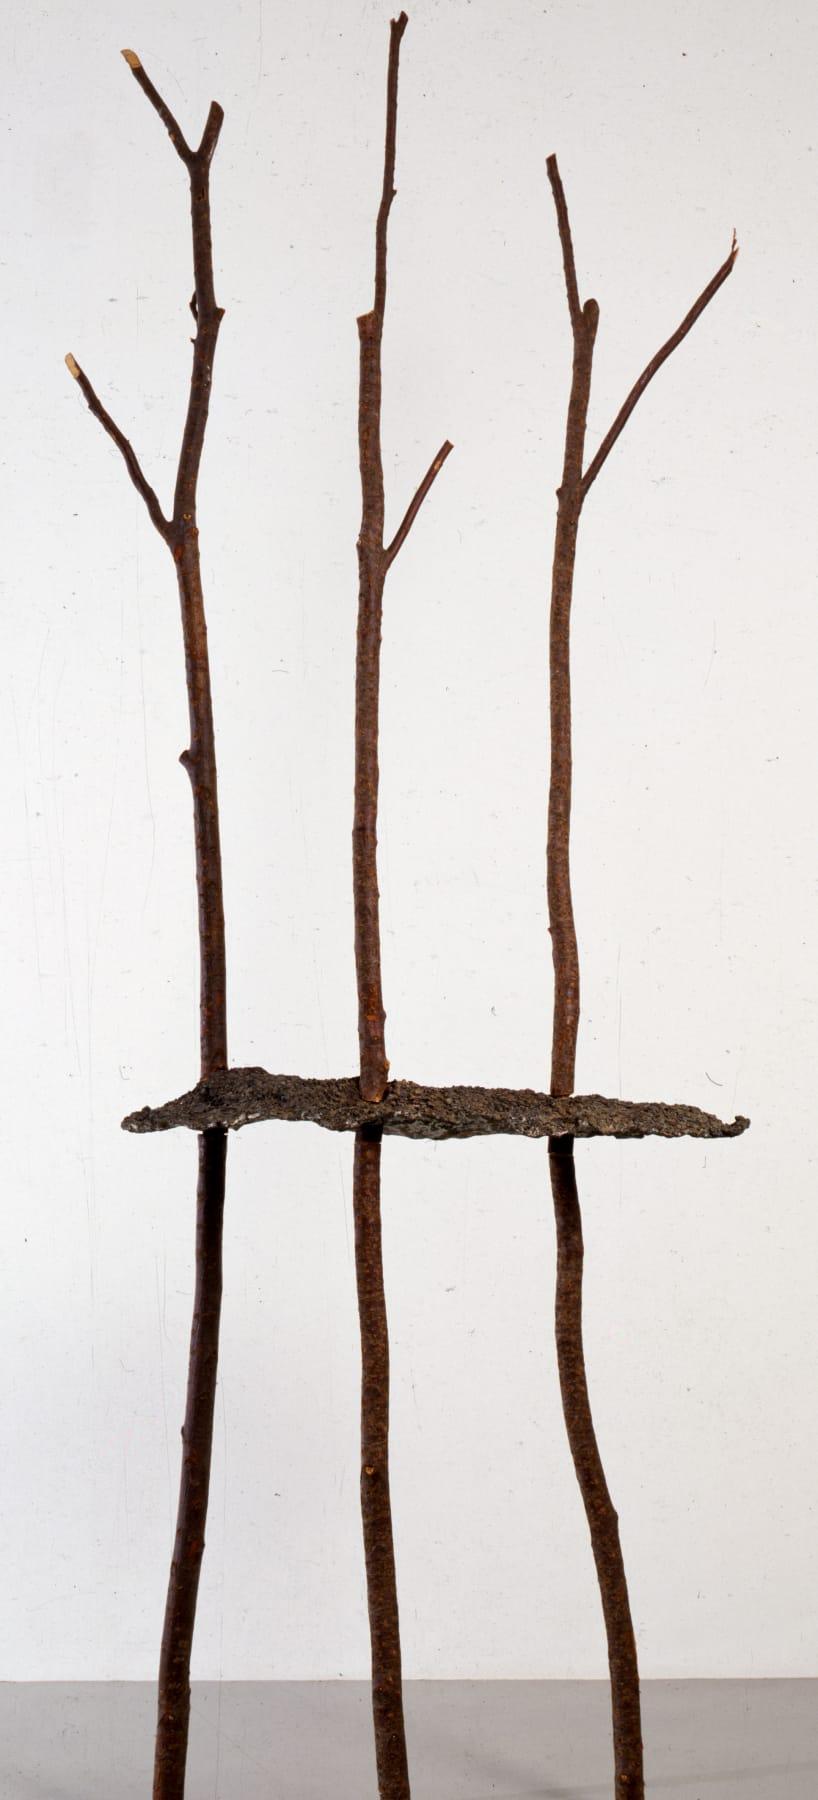 Giuseppe Penone, Soffio ('Breath'), 1990